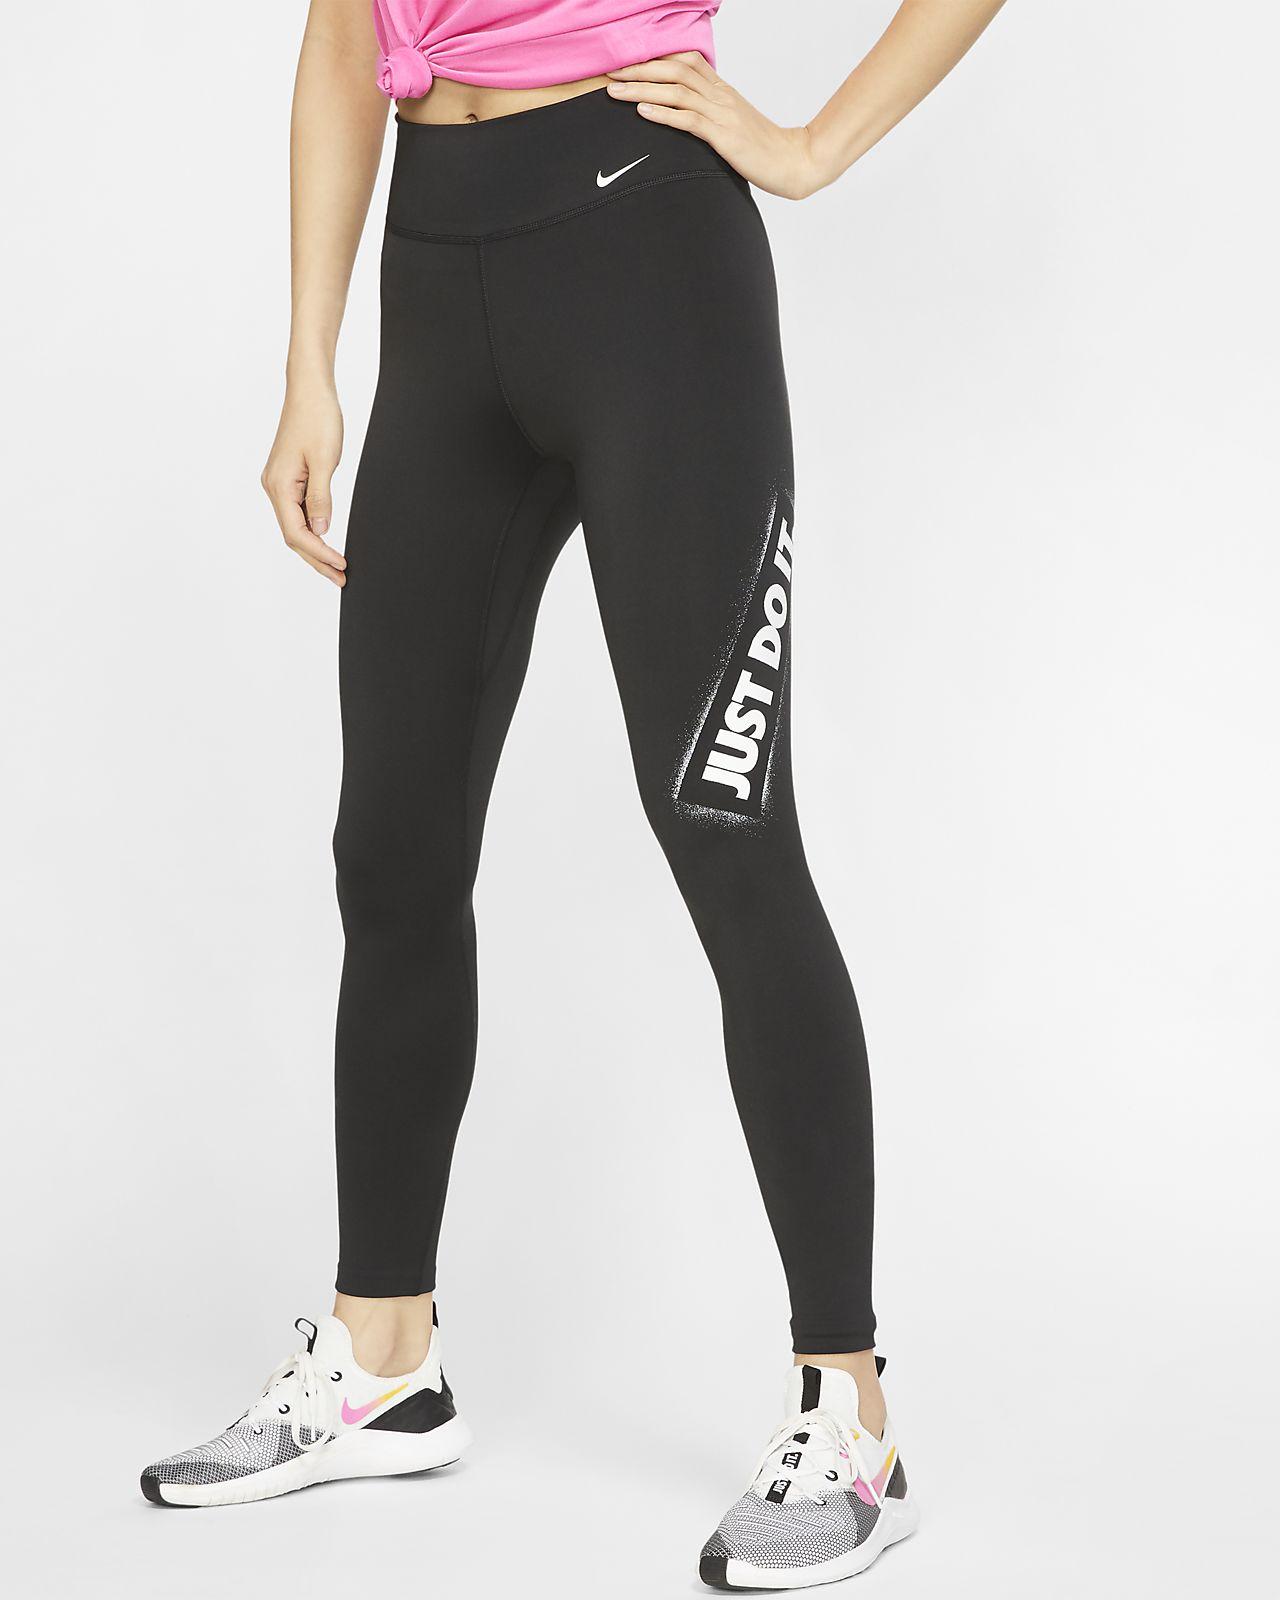 Nike One Women's JDI Tights